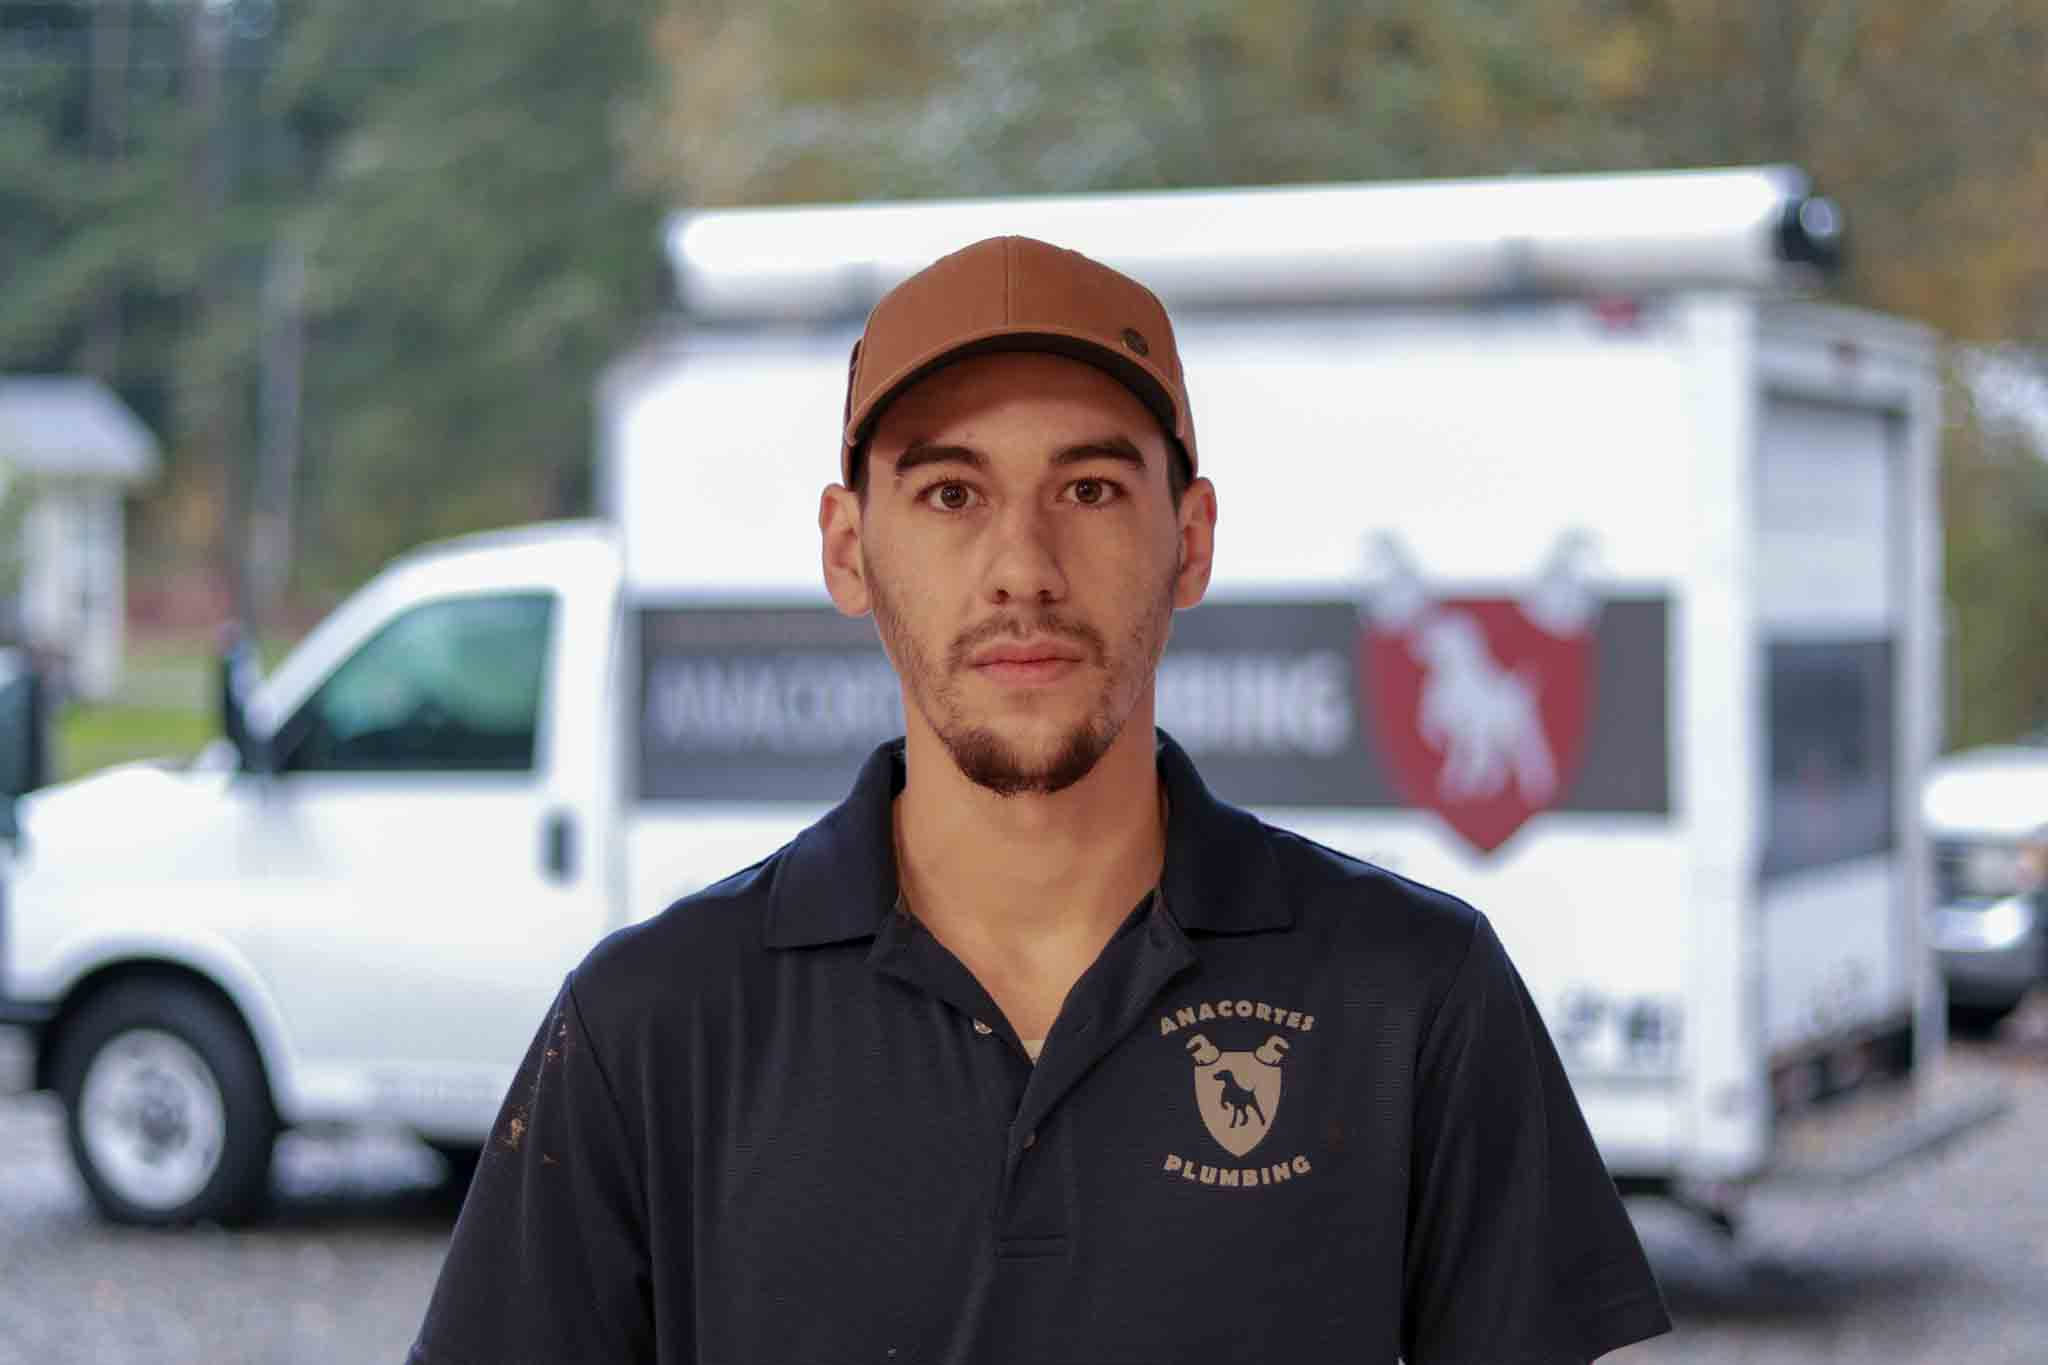 Anacortes Plumbing employee profile image